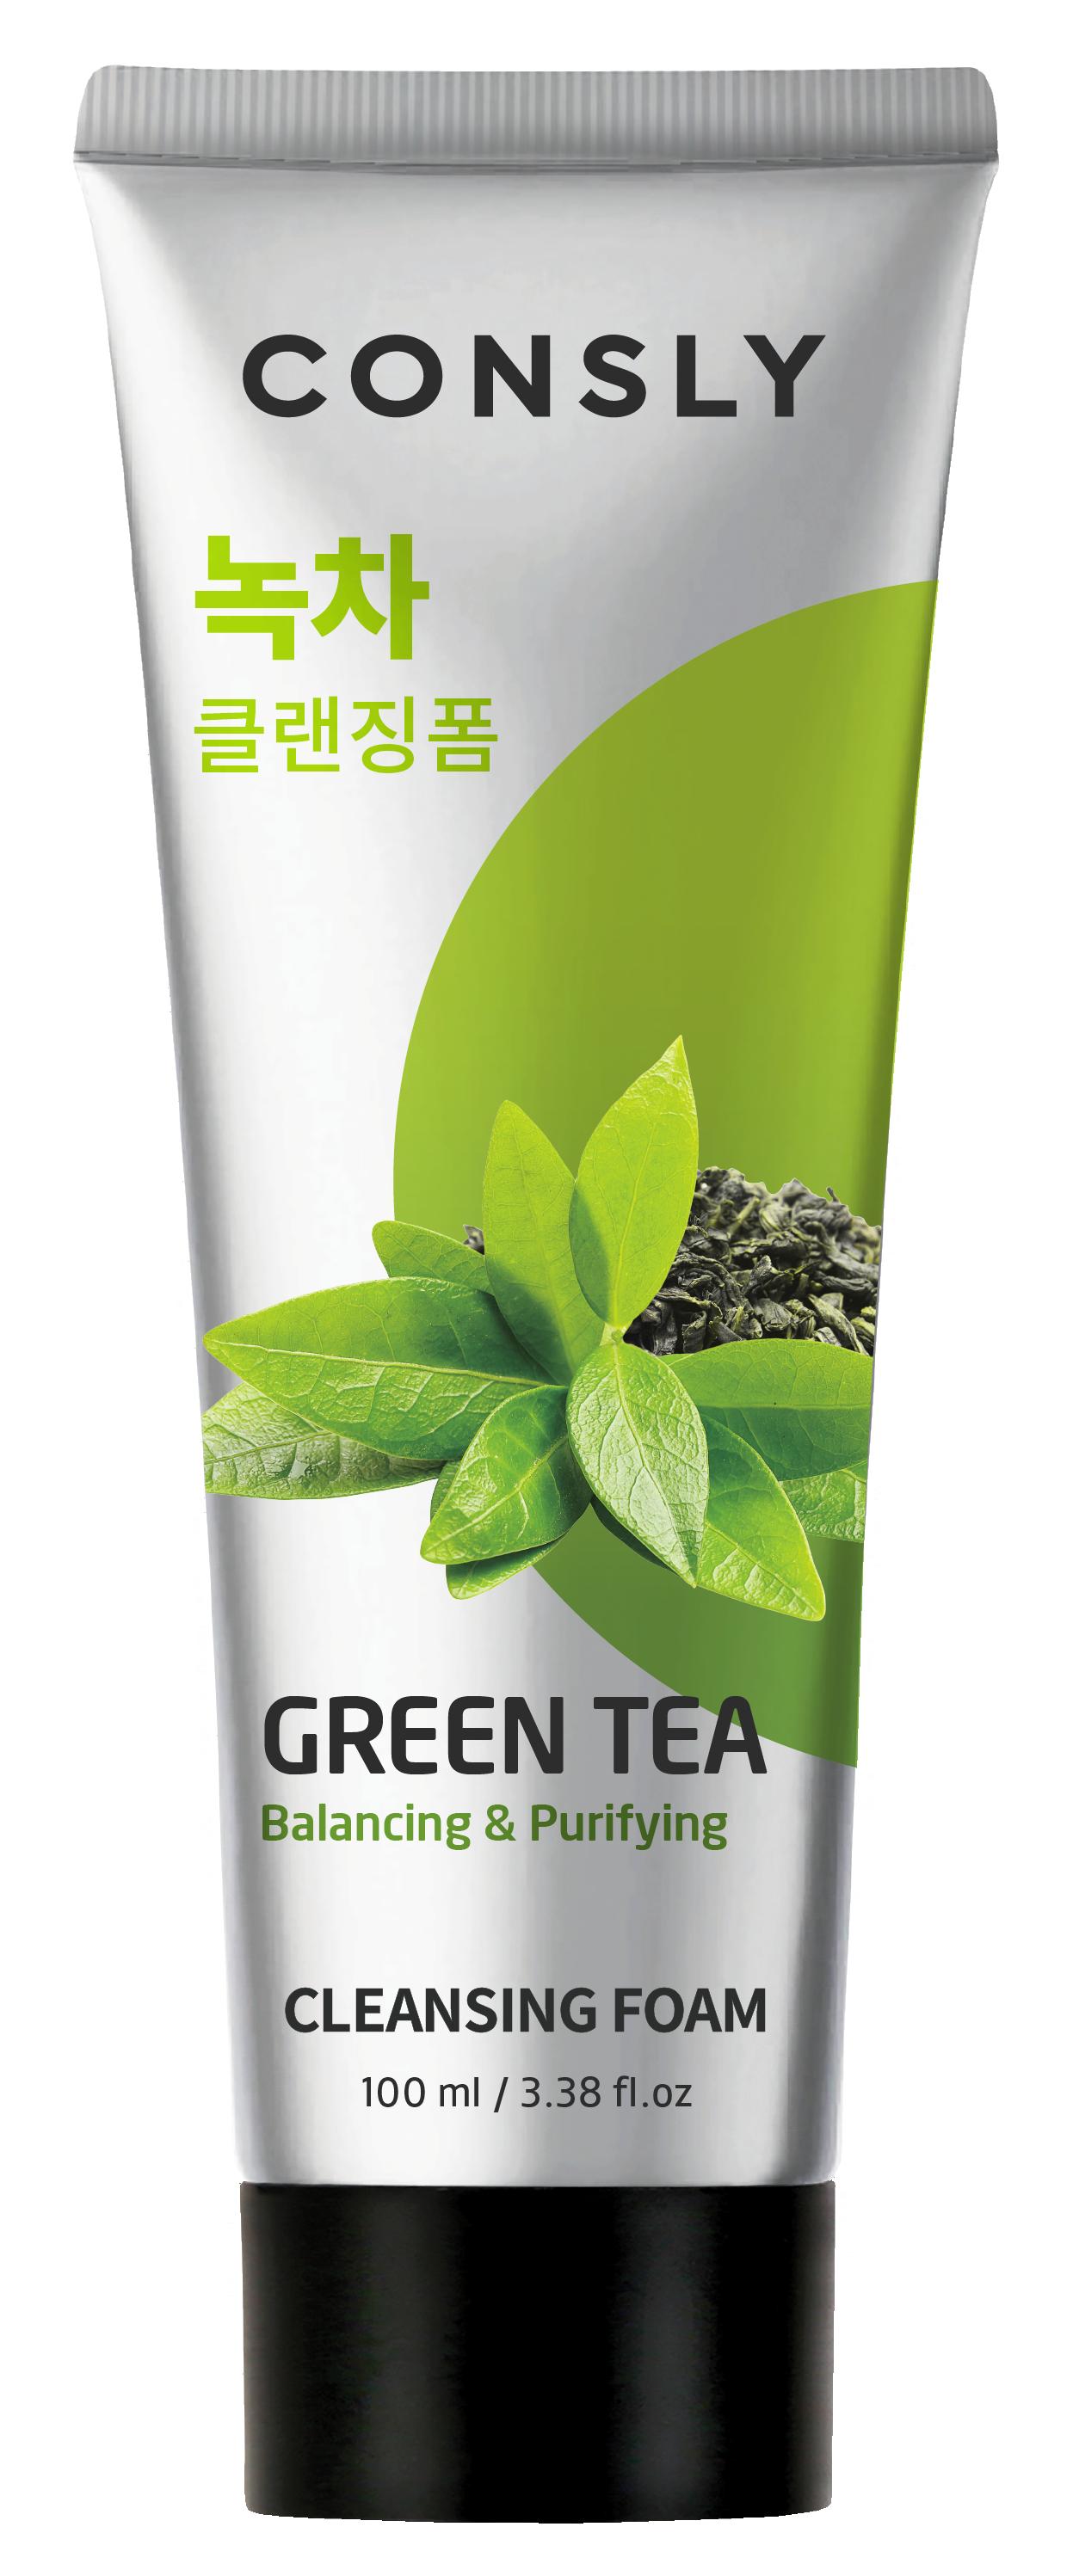 CONSLY Пенка балансирующая кремовая с экстрактом зеленого чая для умывания 100 мл  - Купить